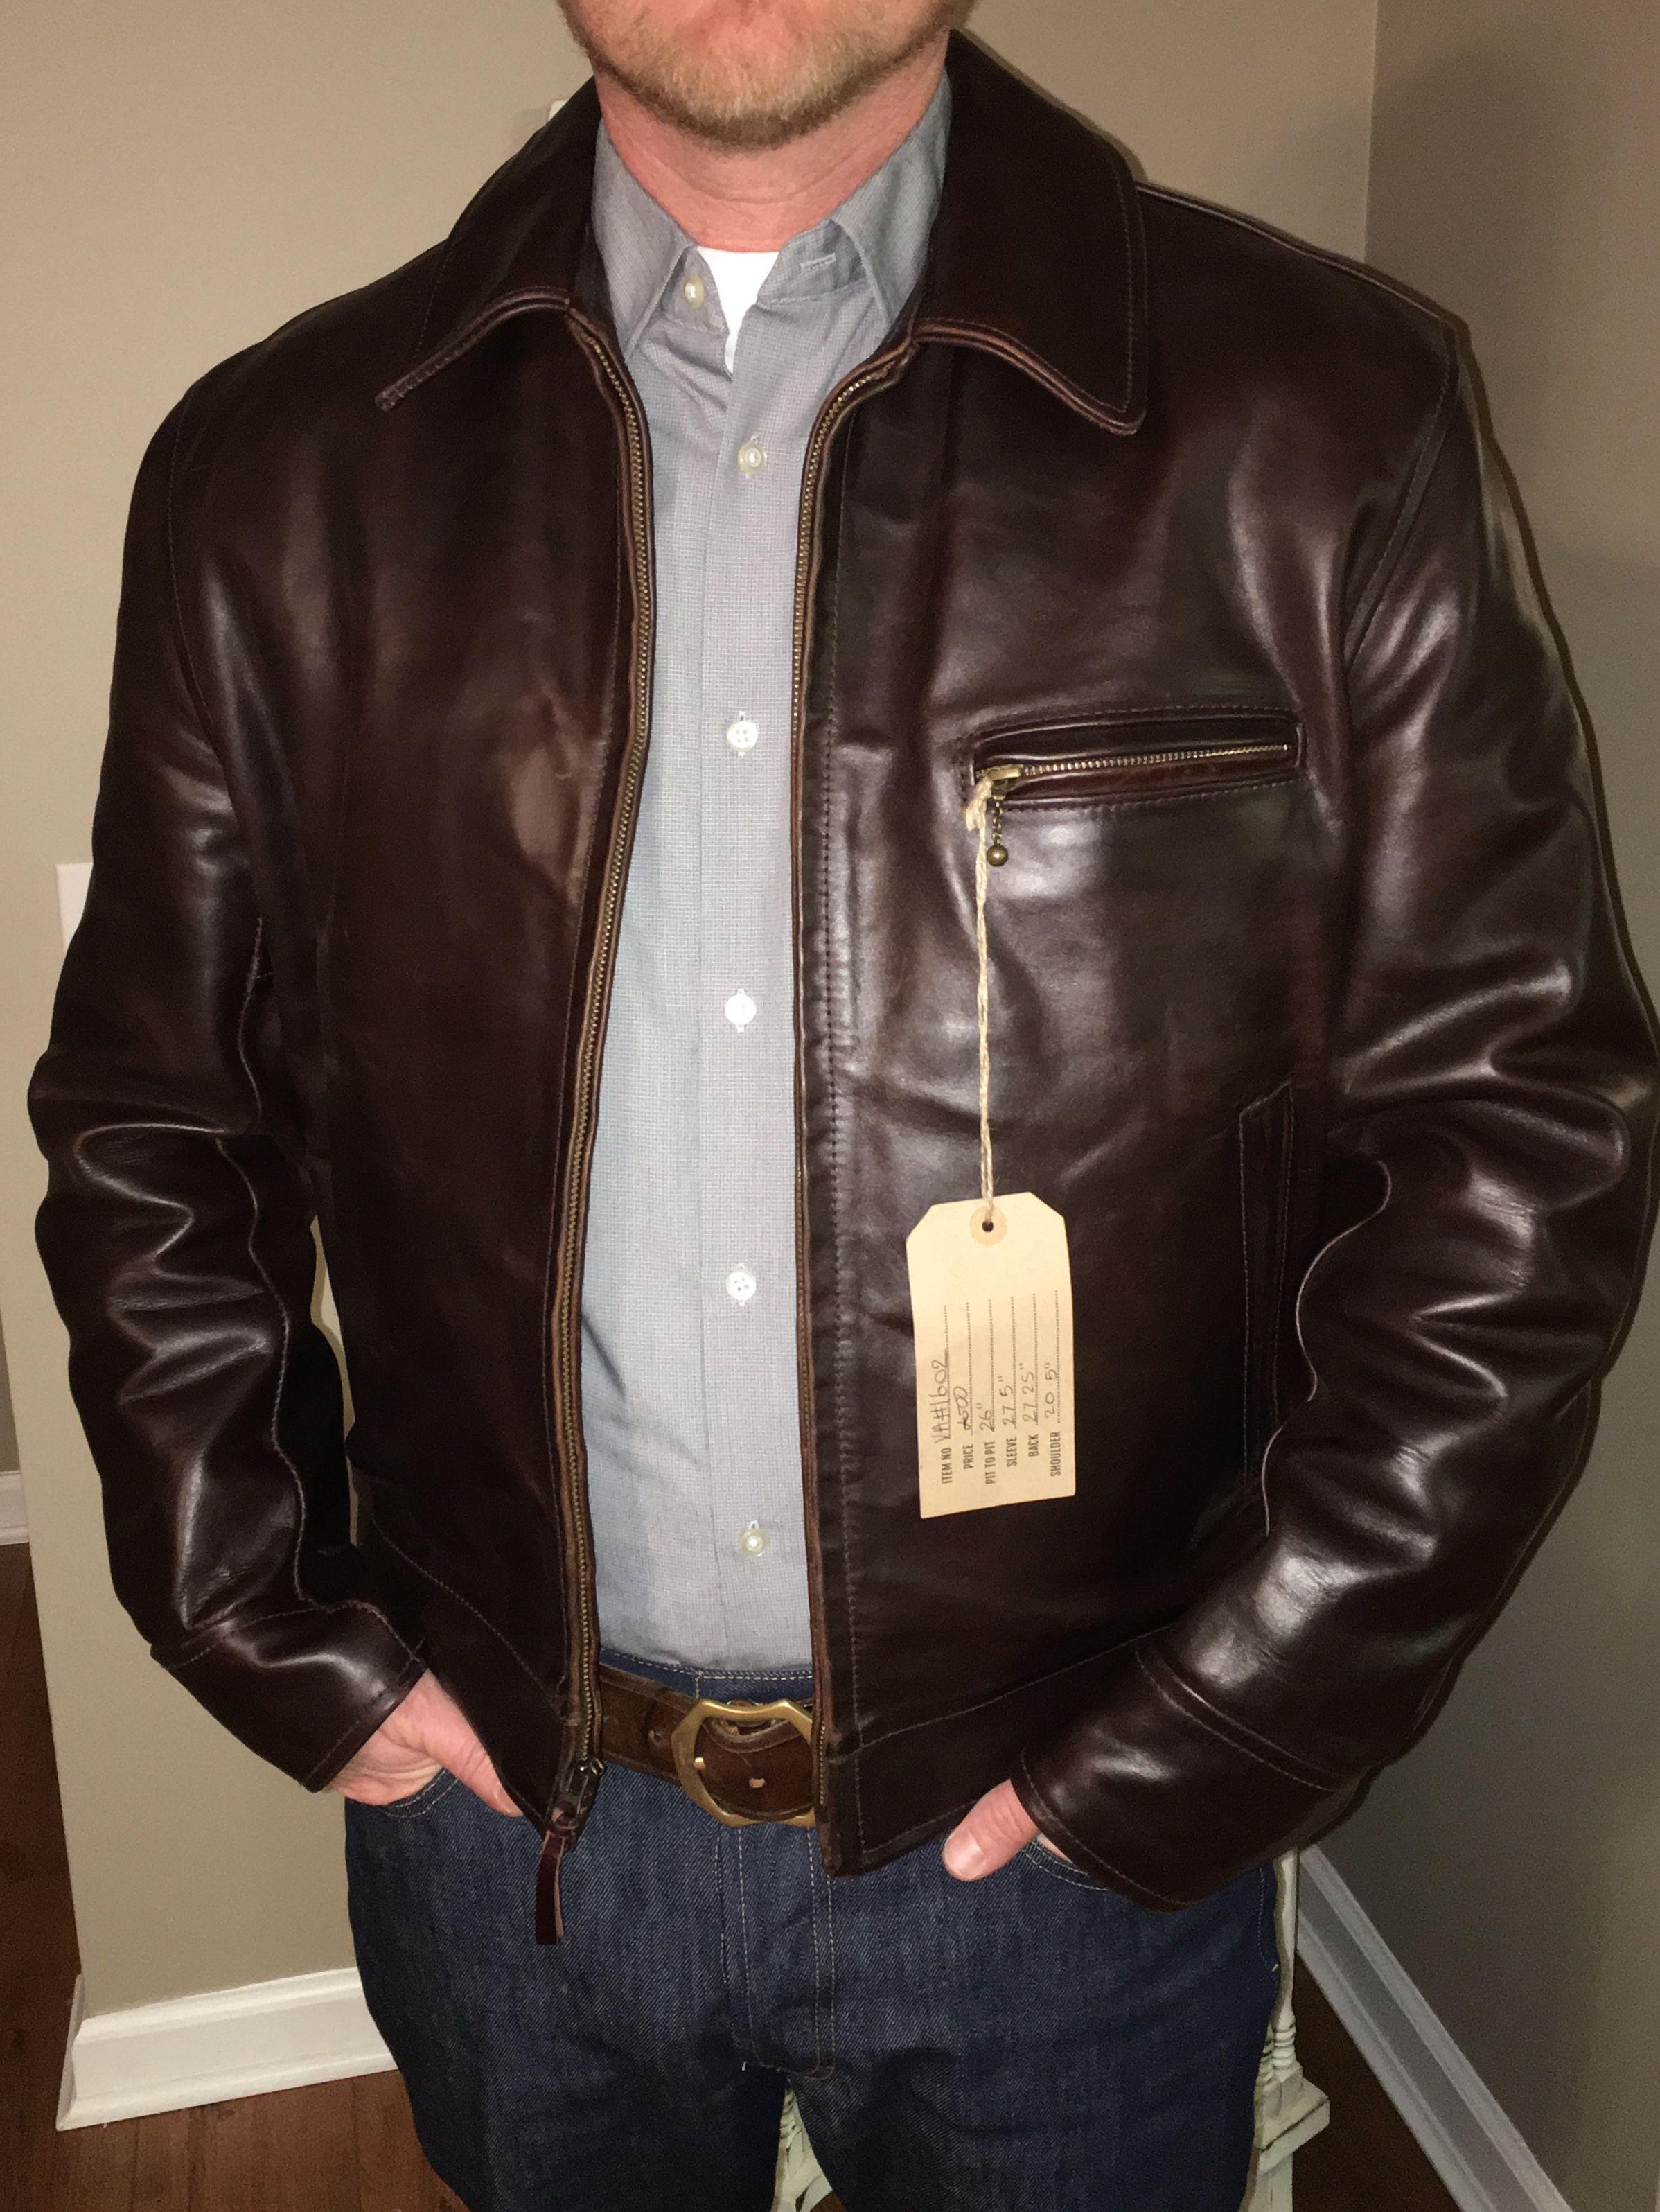 Aero Highwayman Leather jacket outfits, Leather jacket